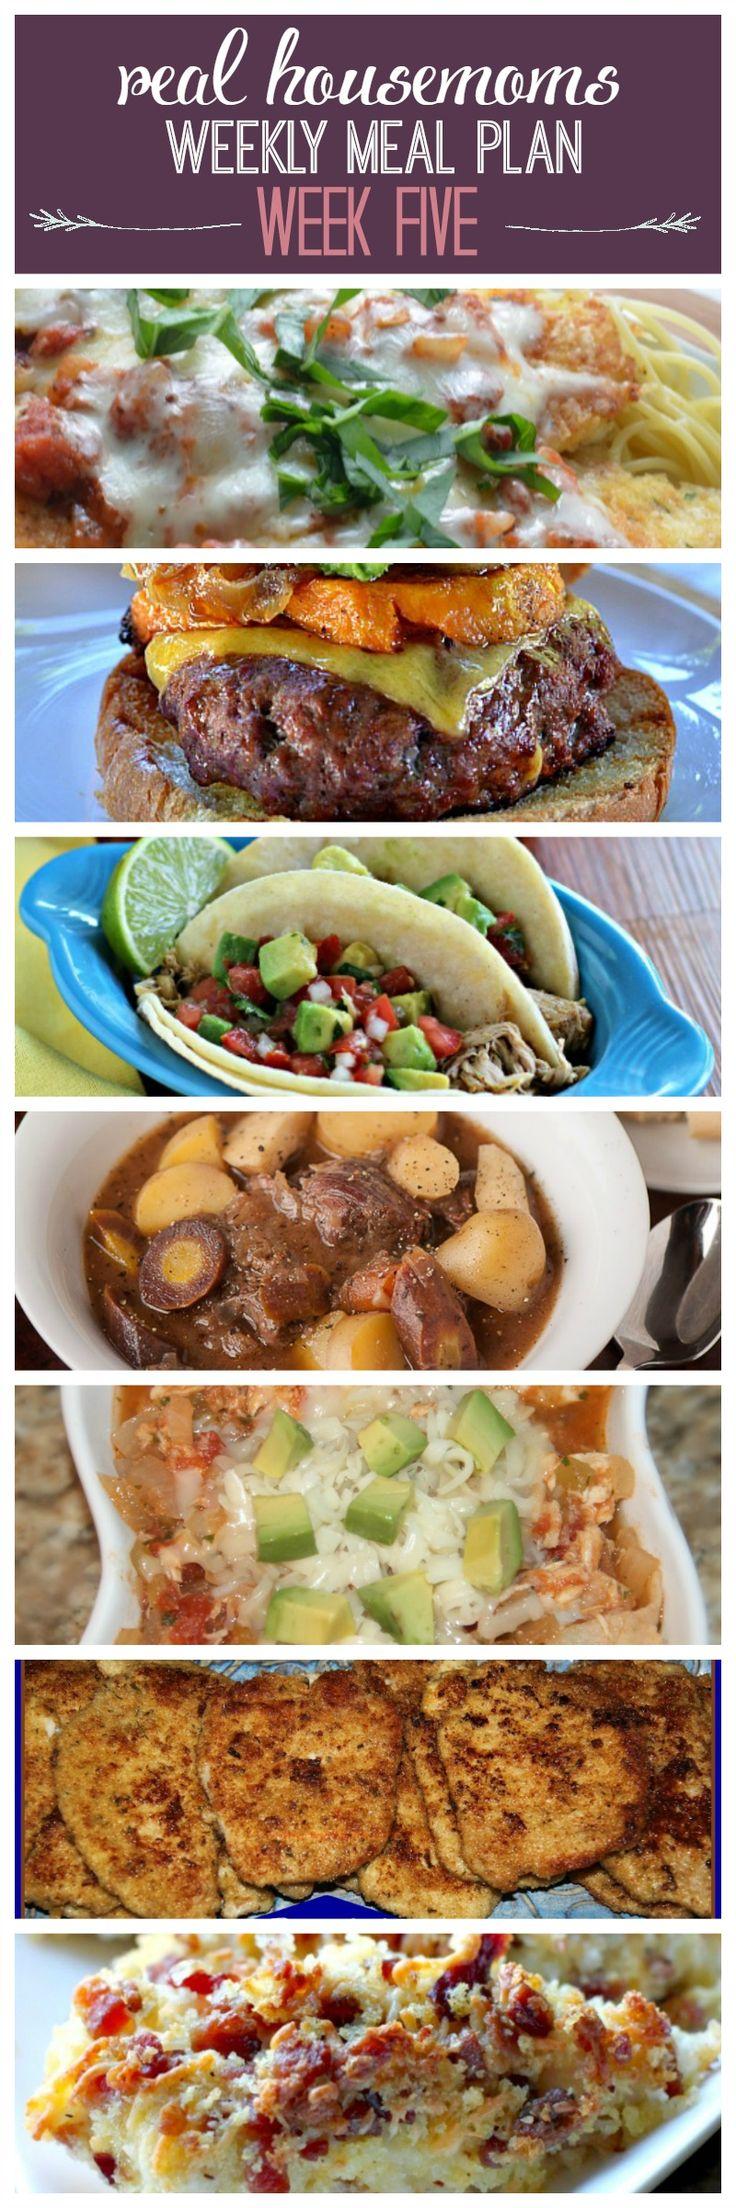 Weekly Meal Plan {Week 5} - Real Housemoms